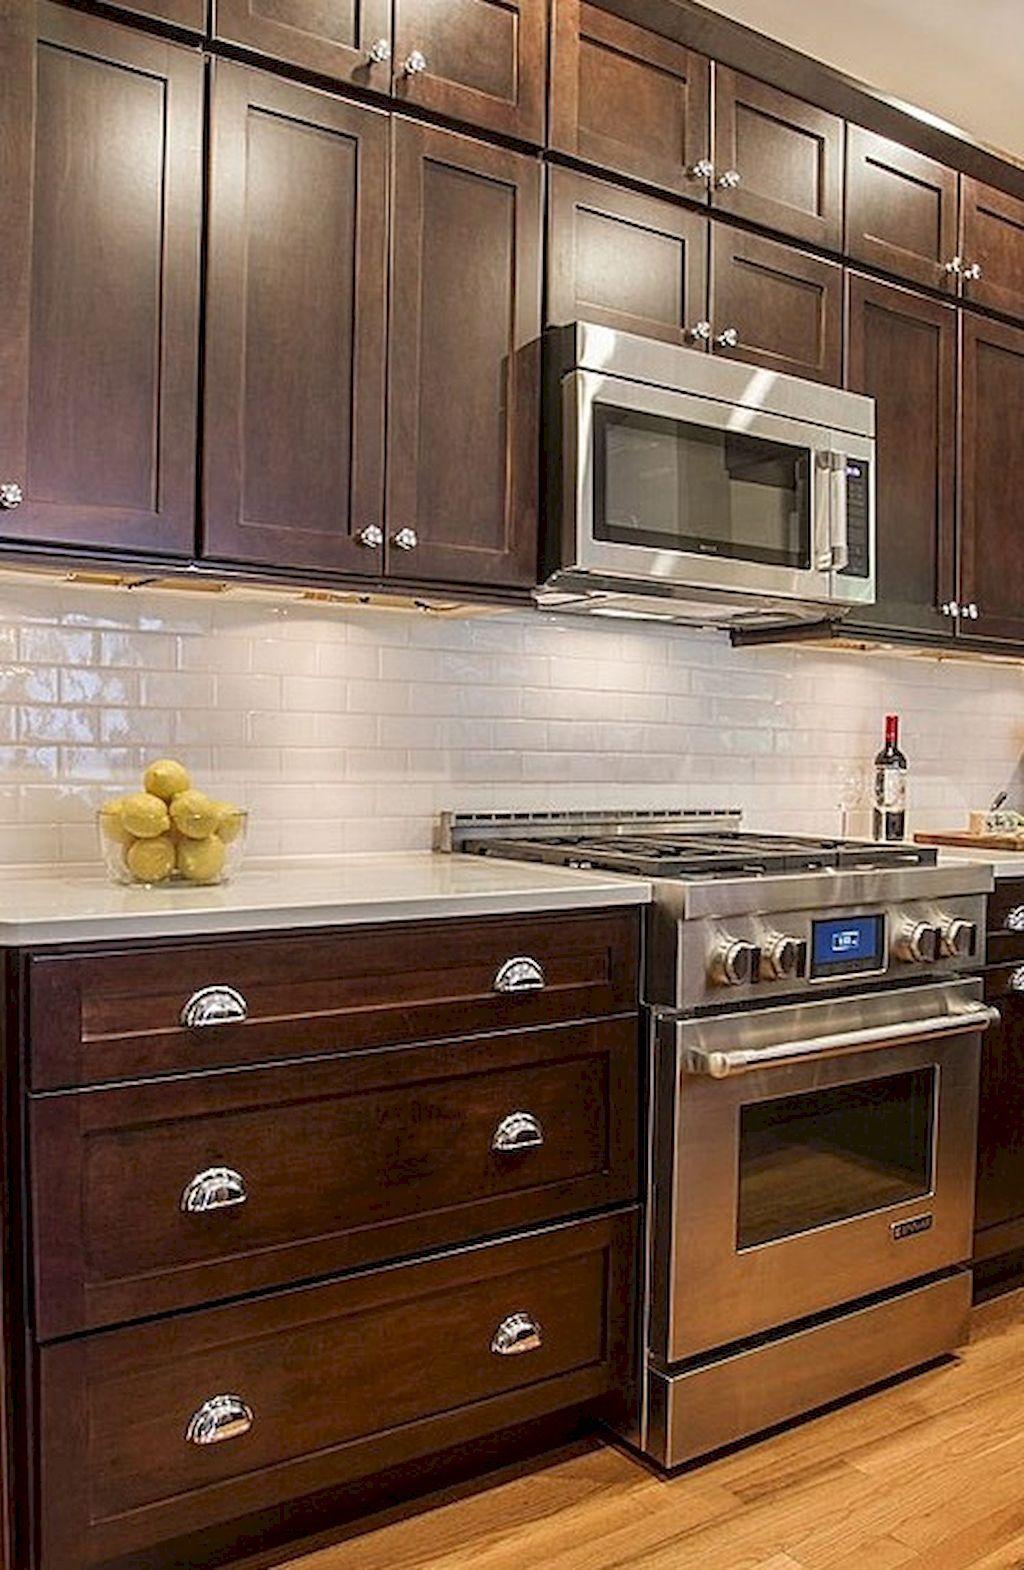 gorgeous kitchen backsplash decor with dark cabinets 63 trendy kitchen backsplash on kitchen ideas with dark cabinets id=49637